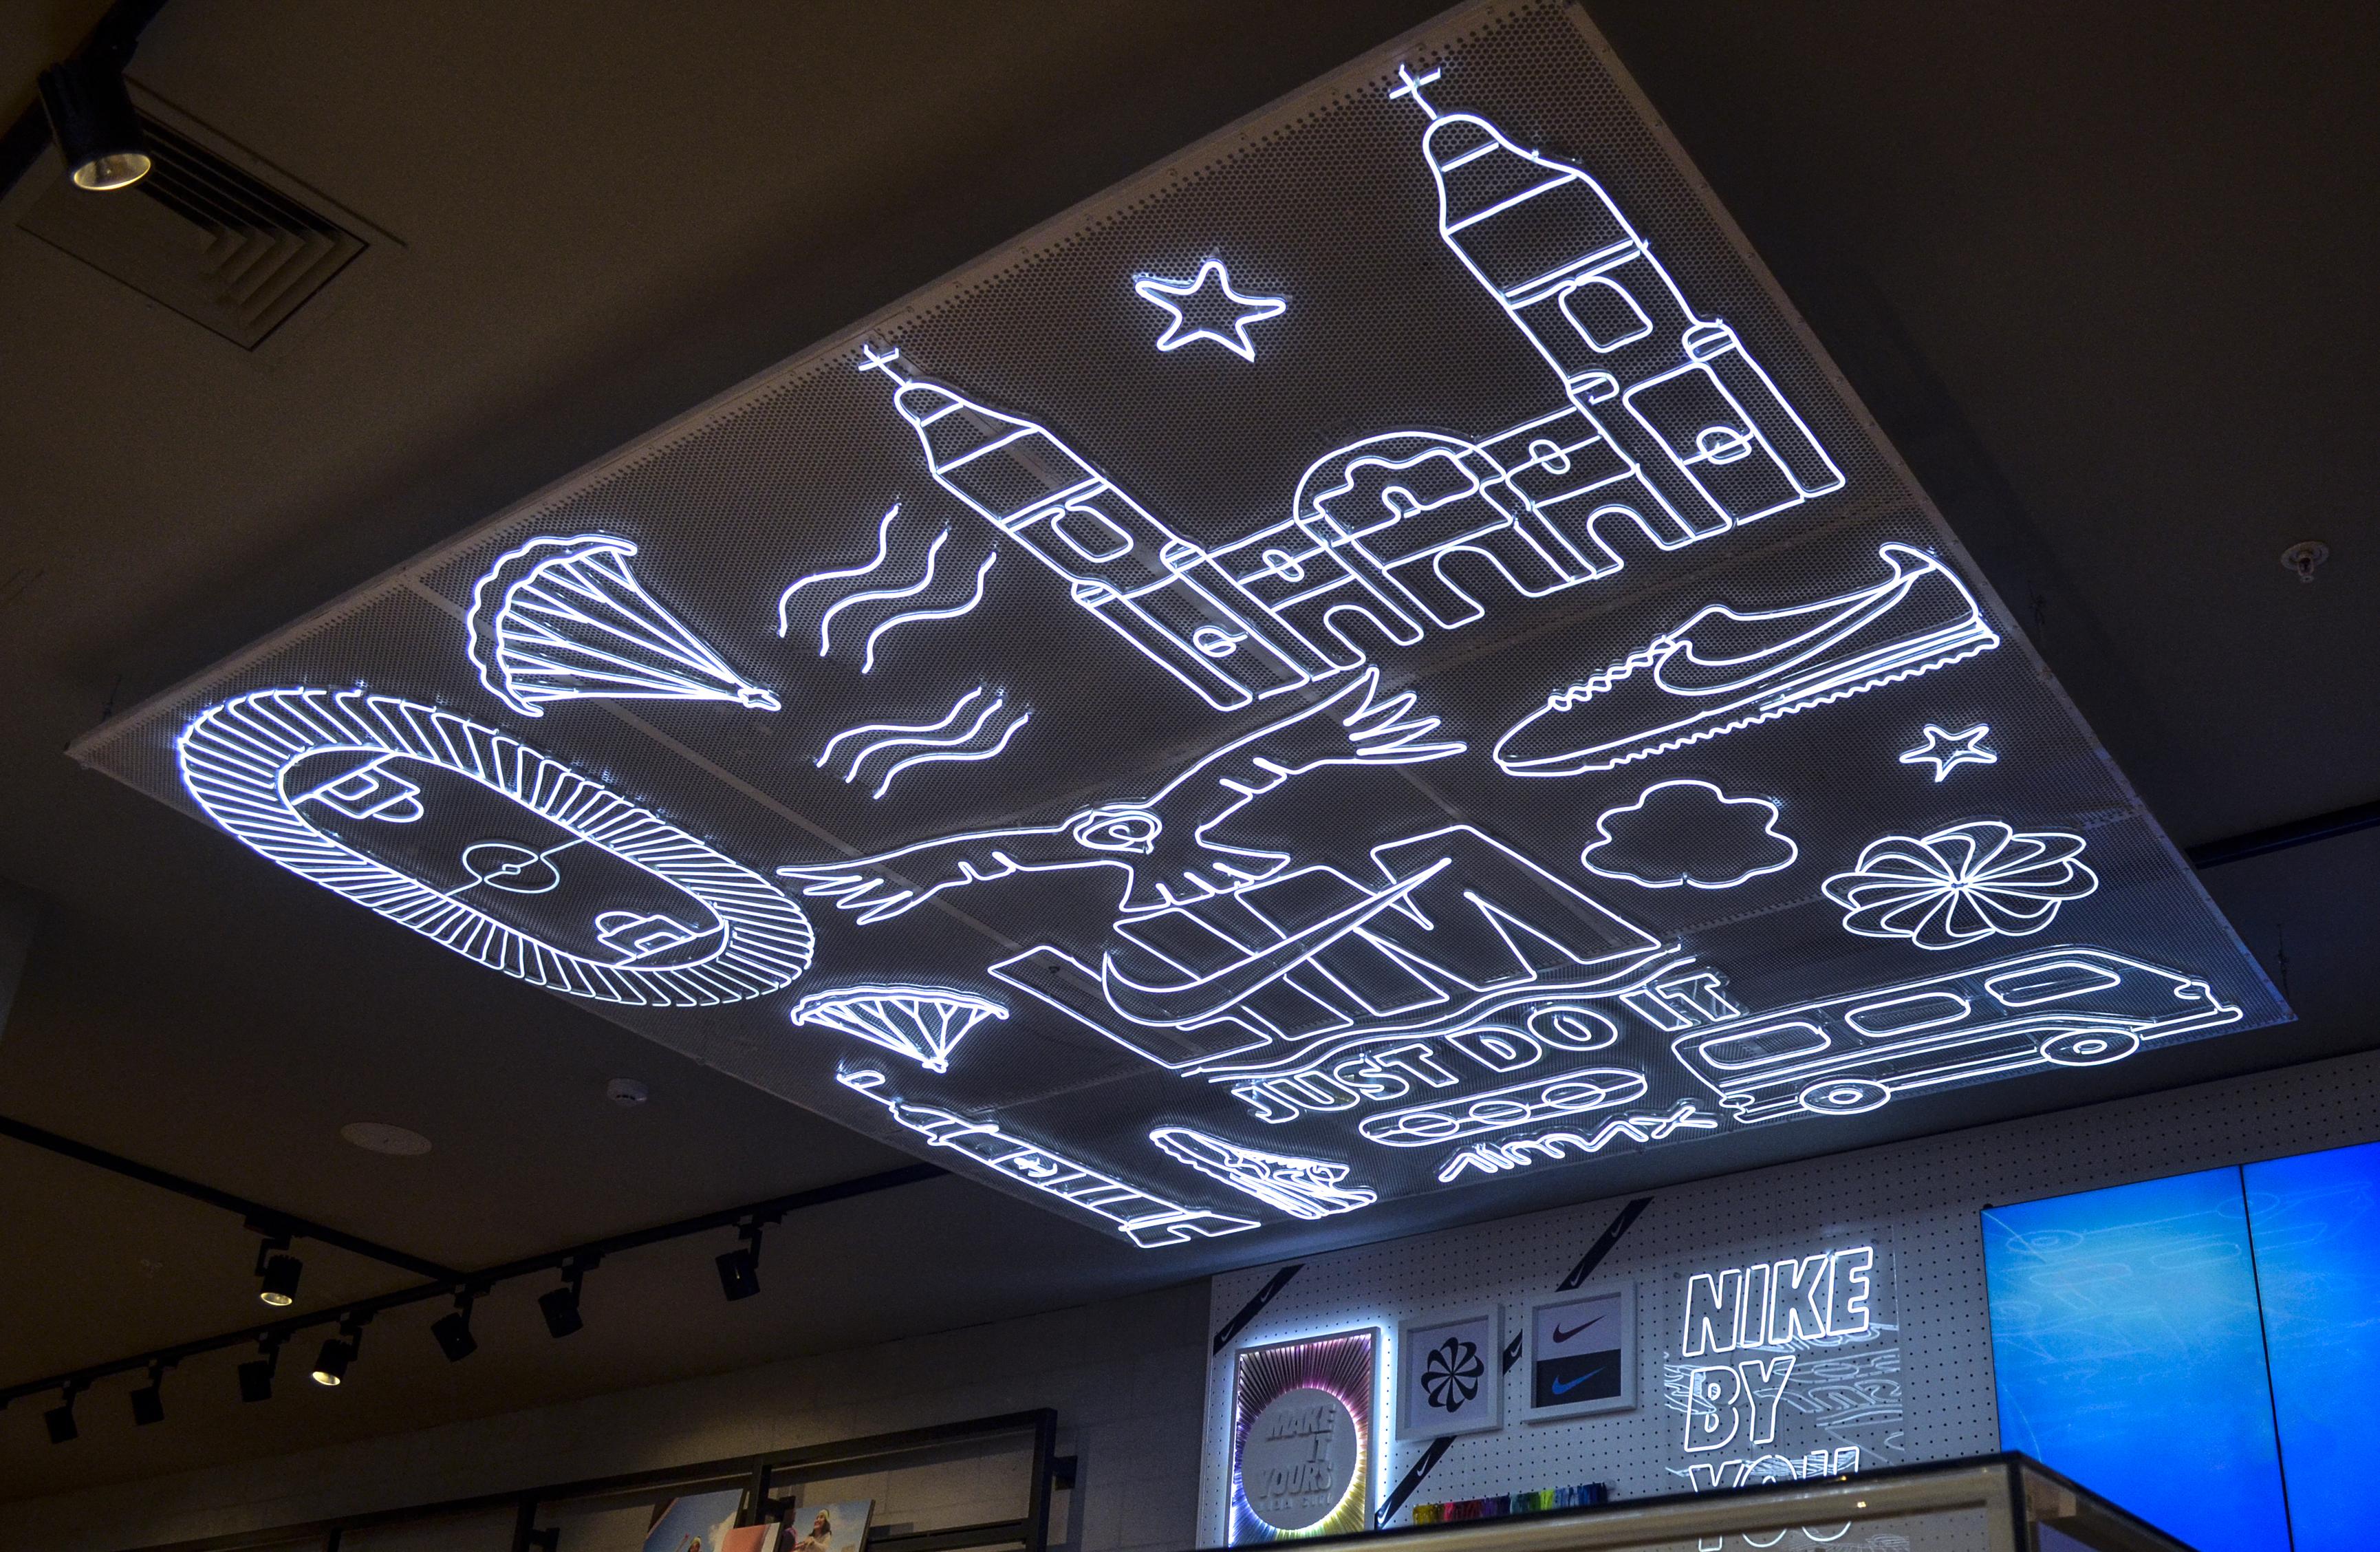 Escrupuloso dentro de poco digestión  Nike Jockey - Centro de personalización | Arquitectura, Nike, Publicitario